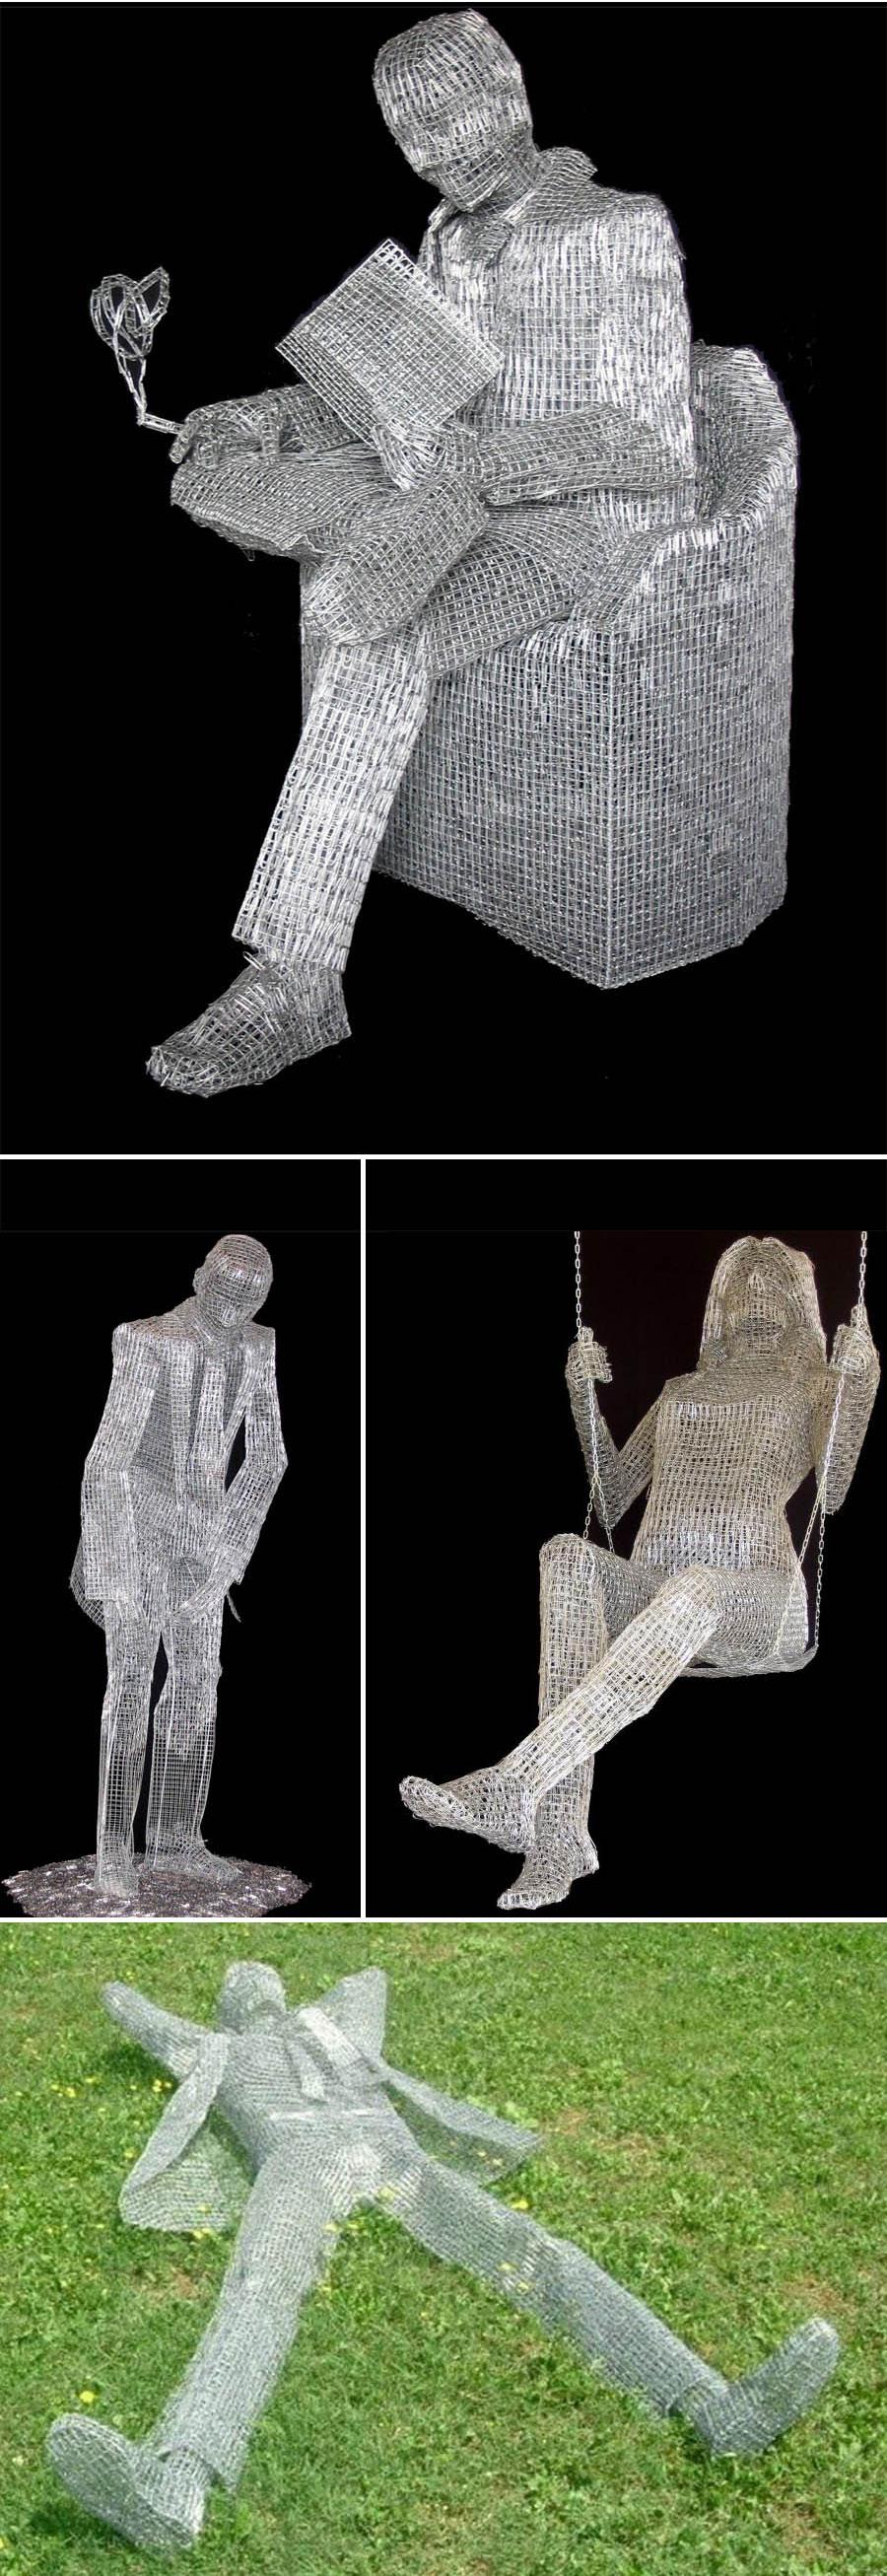 pietro_dangelo_sculptures-oldskull-CLIPS-STAPLES-oldskull-2